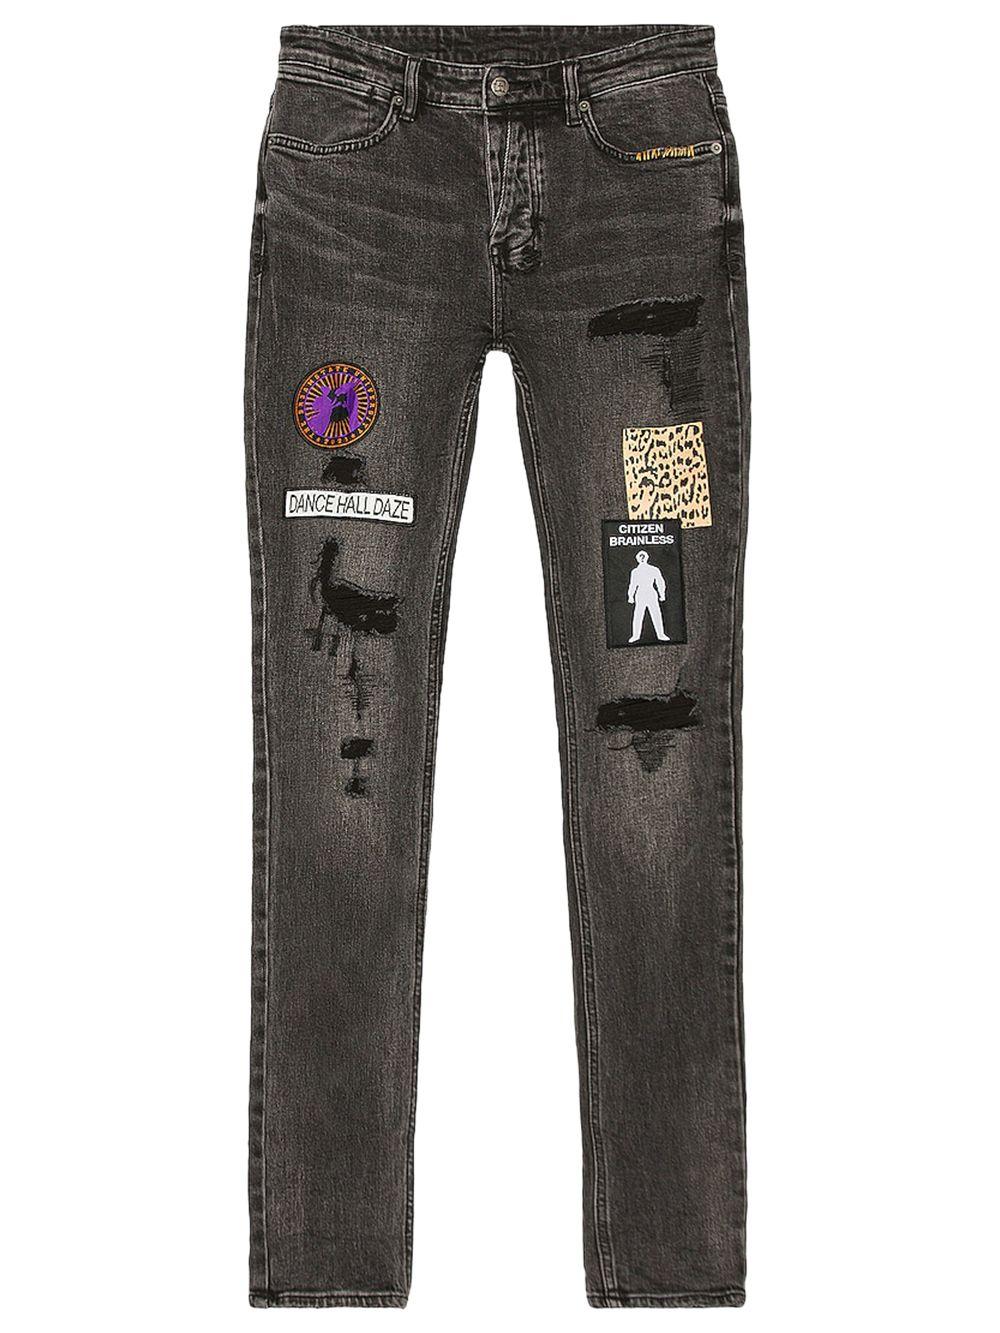 Van Winkle Retox Black Jeans